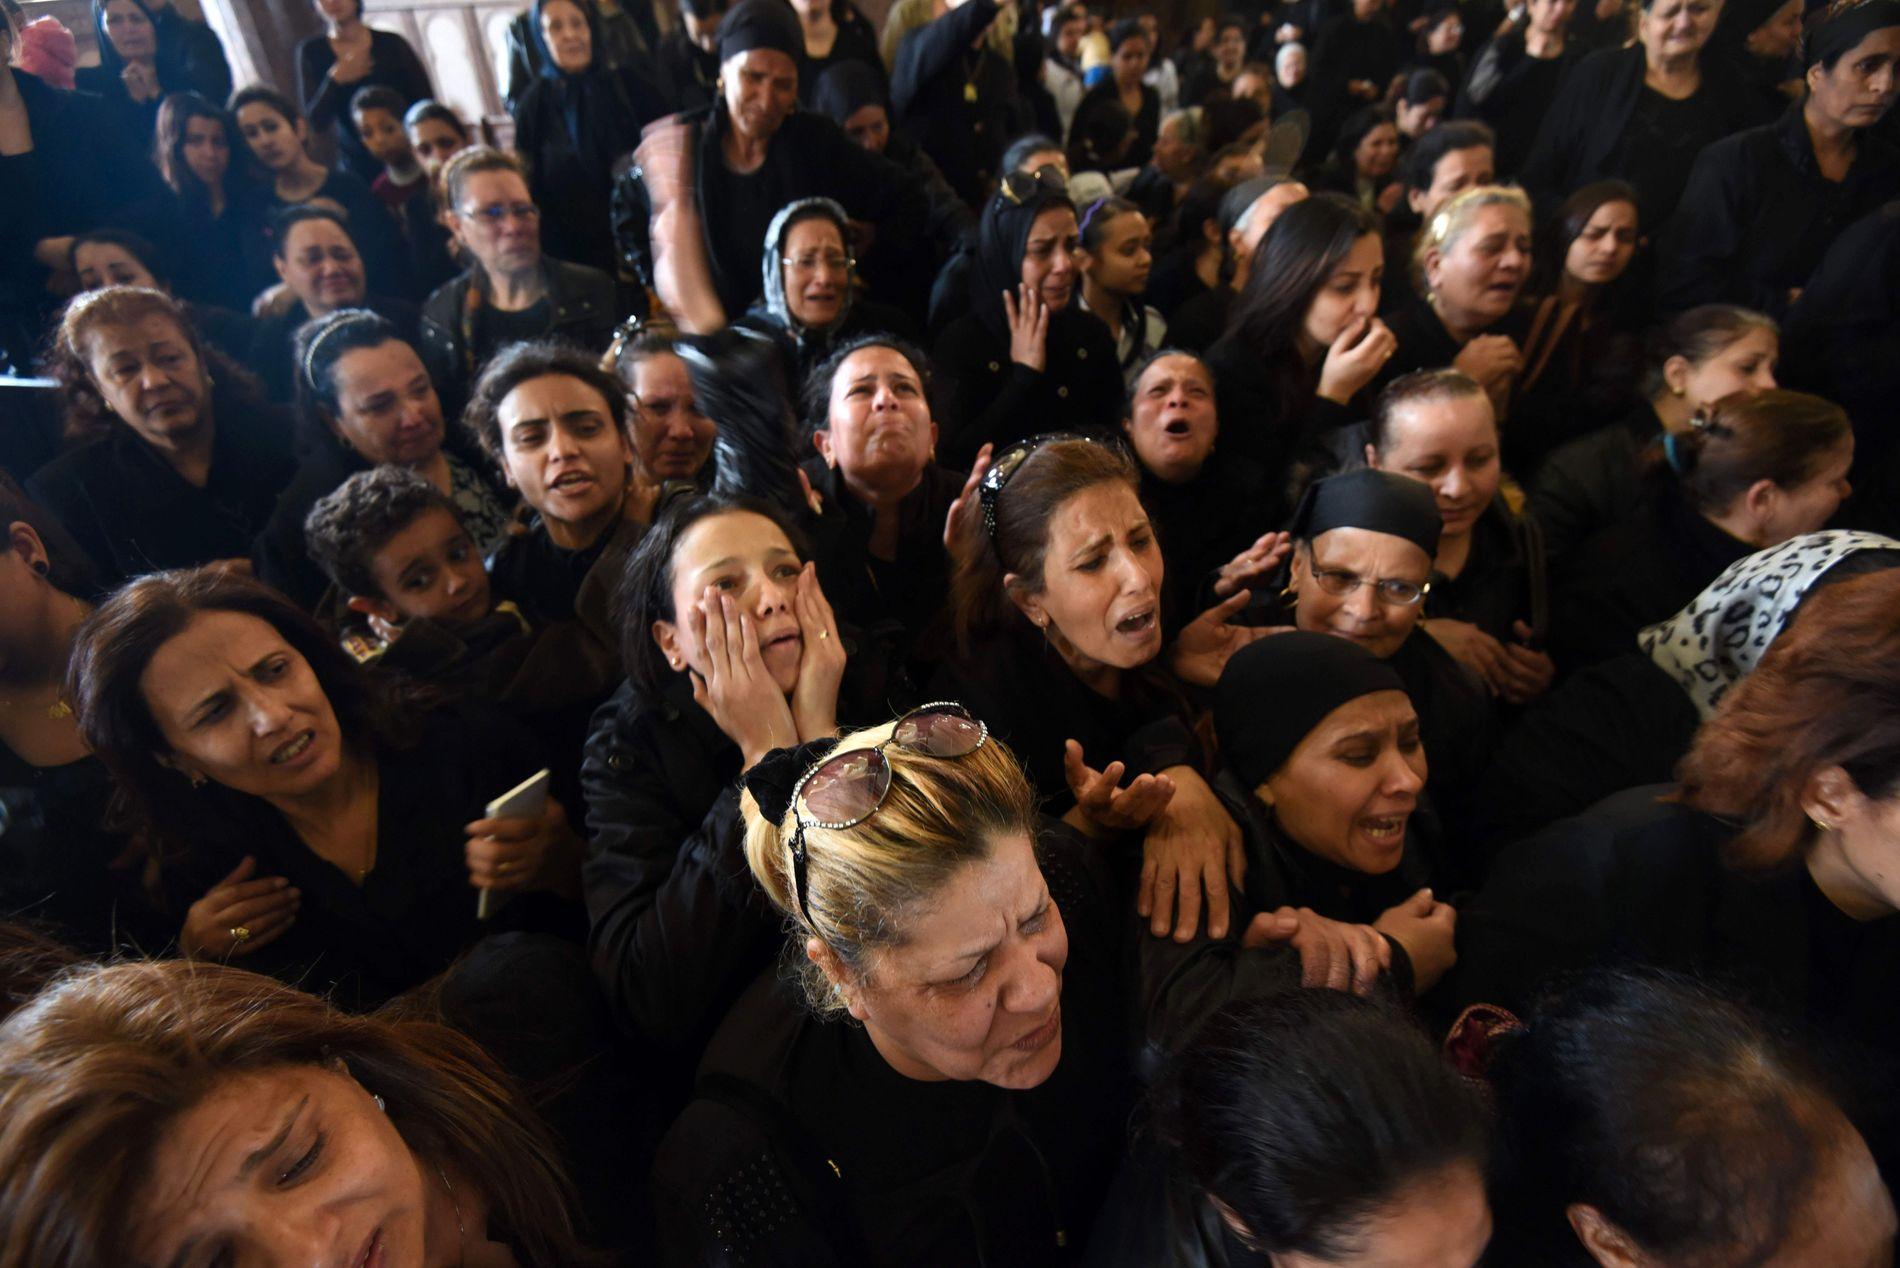 SØRGER: Kvinner sørger for ofrene som mistet livet i terroarangrepet ved St. Mark-kirken i Alexandria palmesøndag.